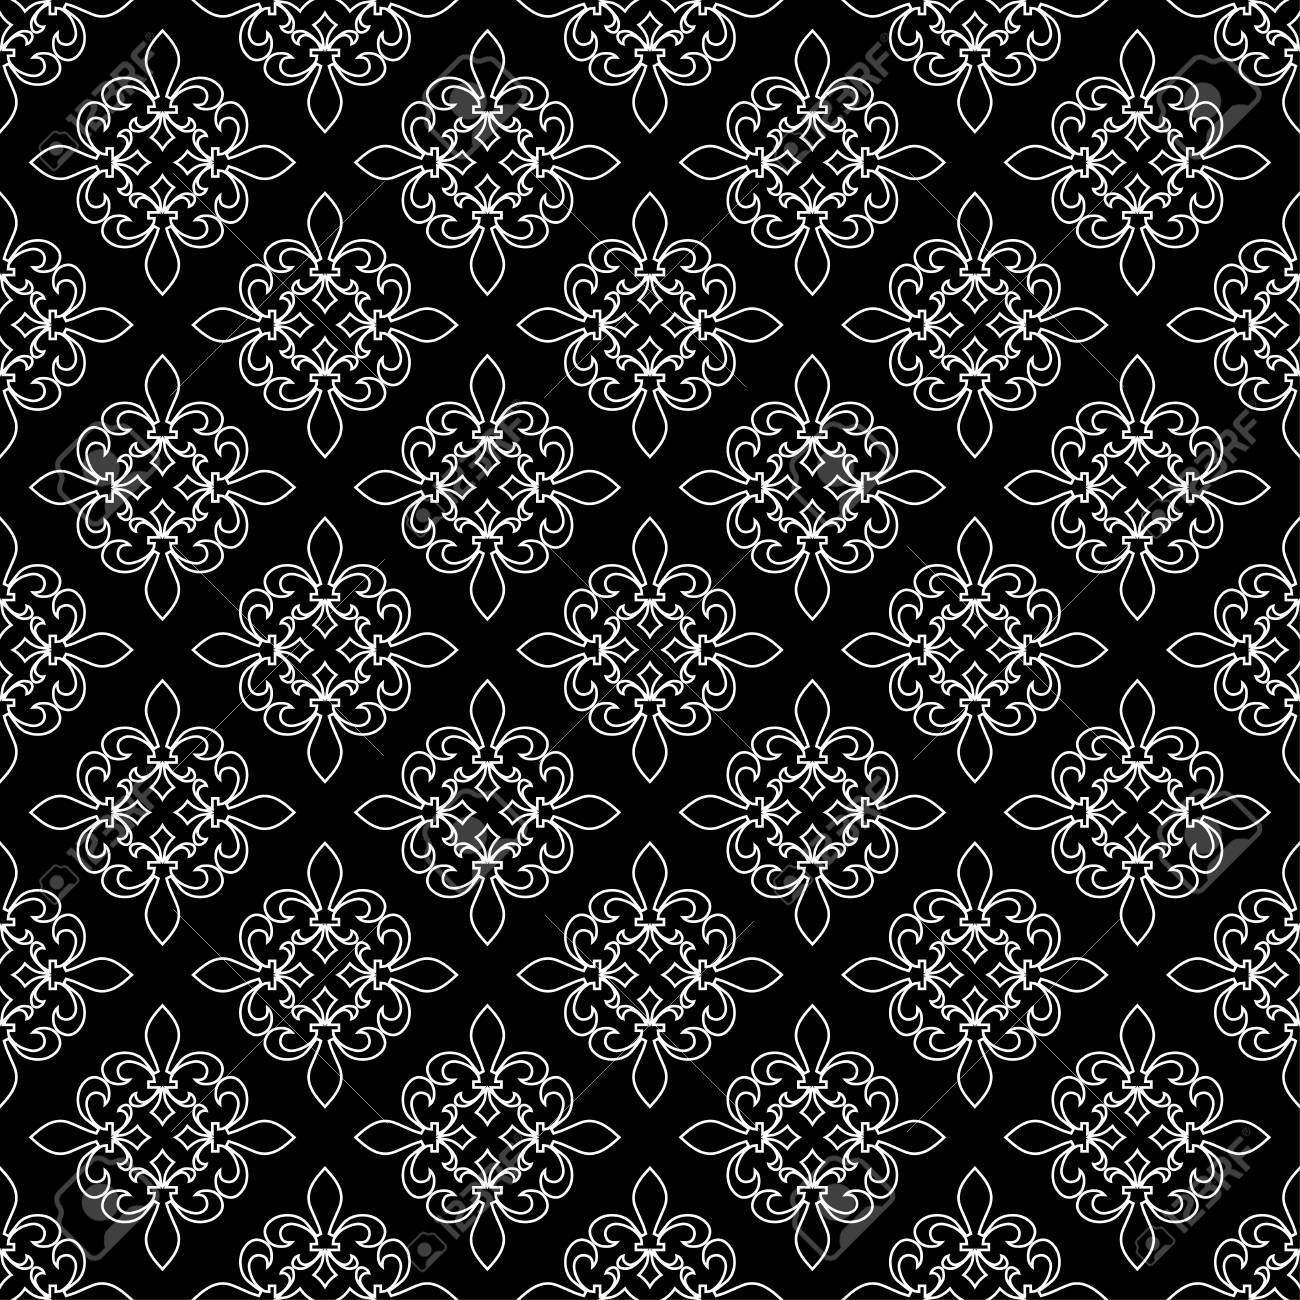 fe2b6de02a9ce Foto de archivo - Patrón sin costuras de flor de lis Ilustración vectorial  Plantilla blanca negra. Textura floral Decoración elegante